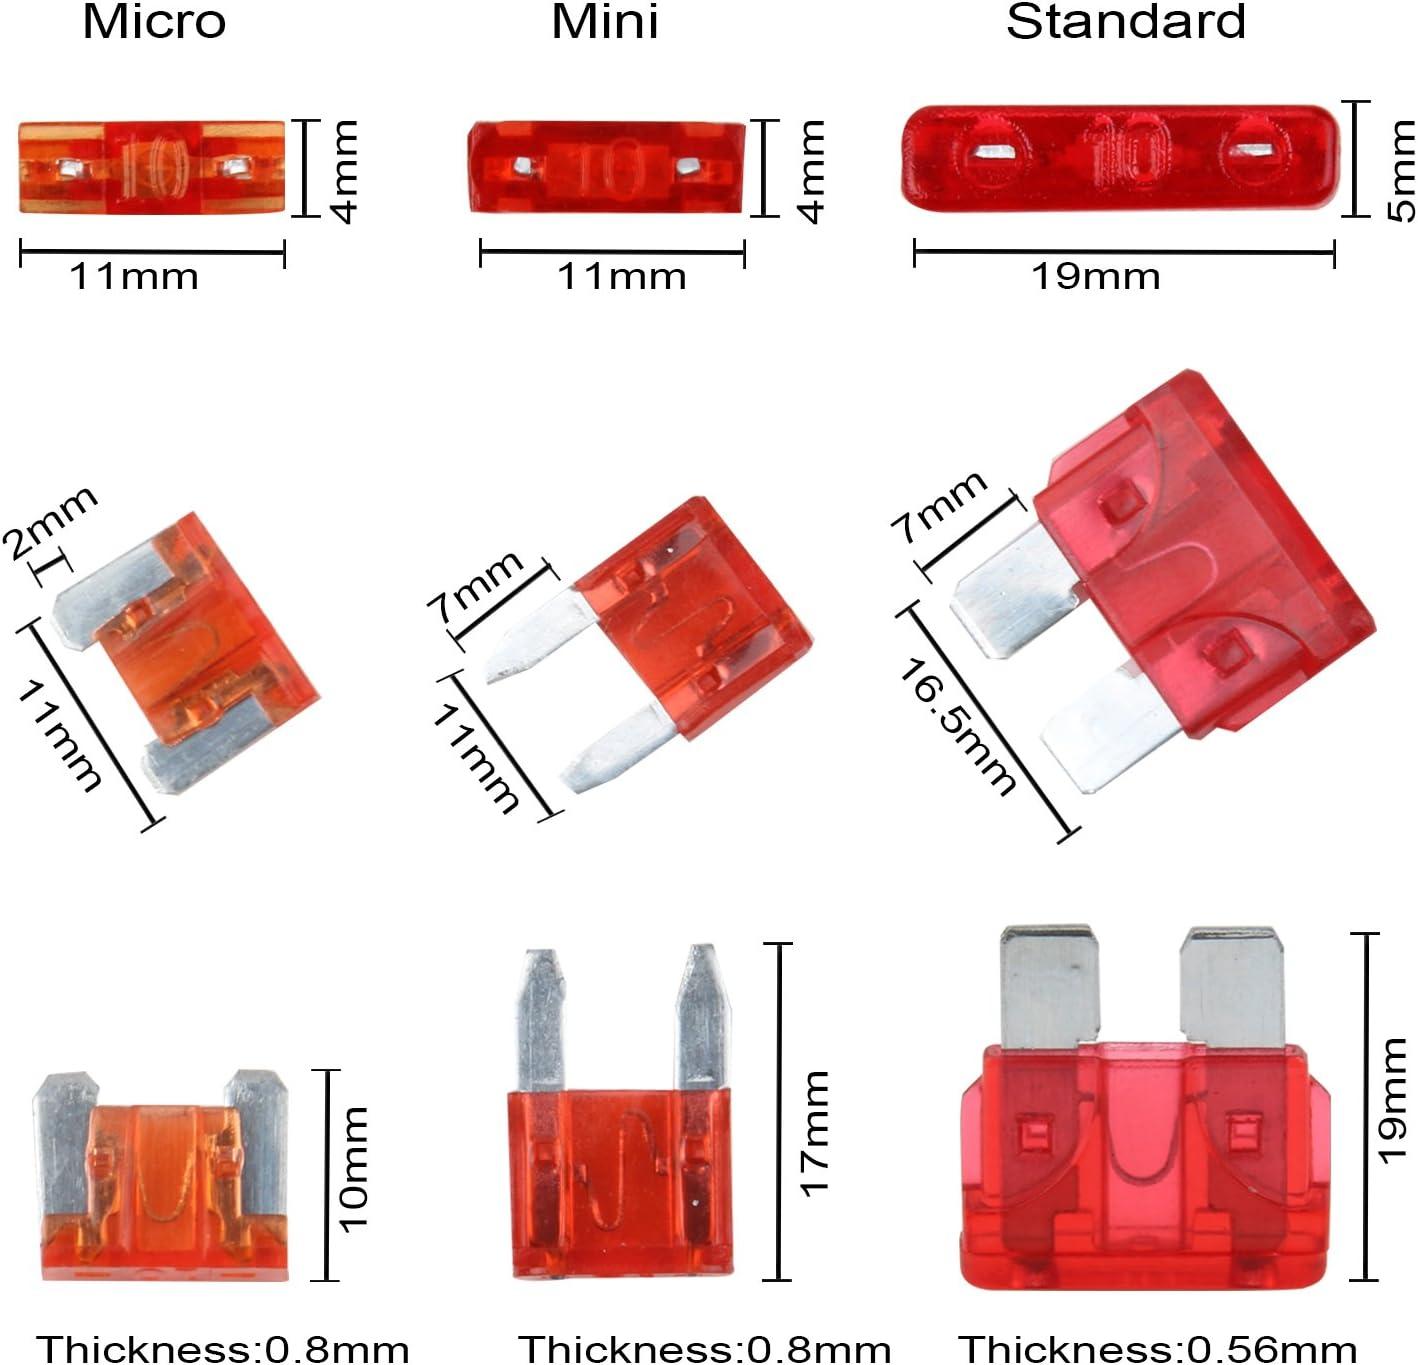 7,5 A 3 A 20 A 2 A 1 caja de transporte Kit de fusibles de repuesto para coche de TKING 100 unidades 15 A 10 A con 1 extractor de fusibles 25 A 5 A 30 A y 35 A